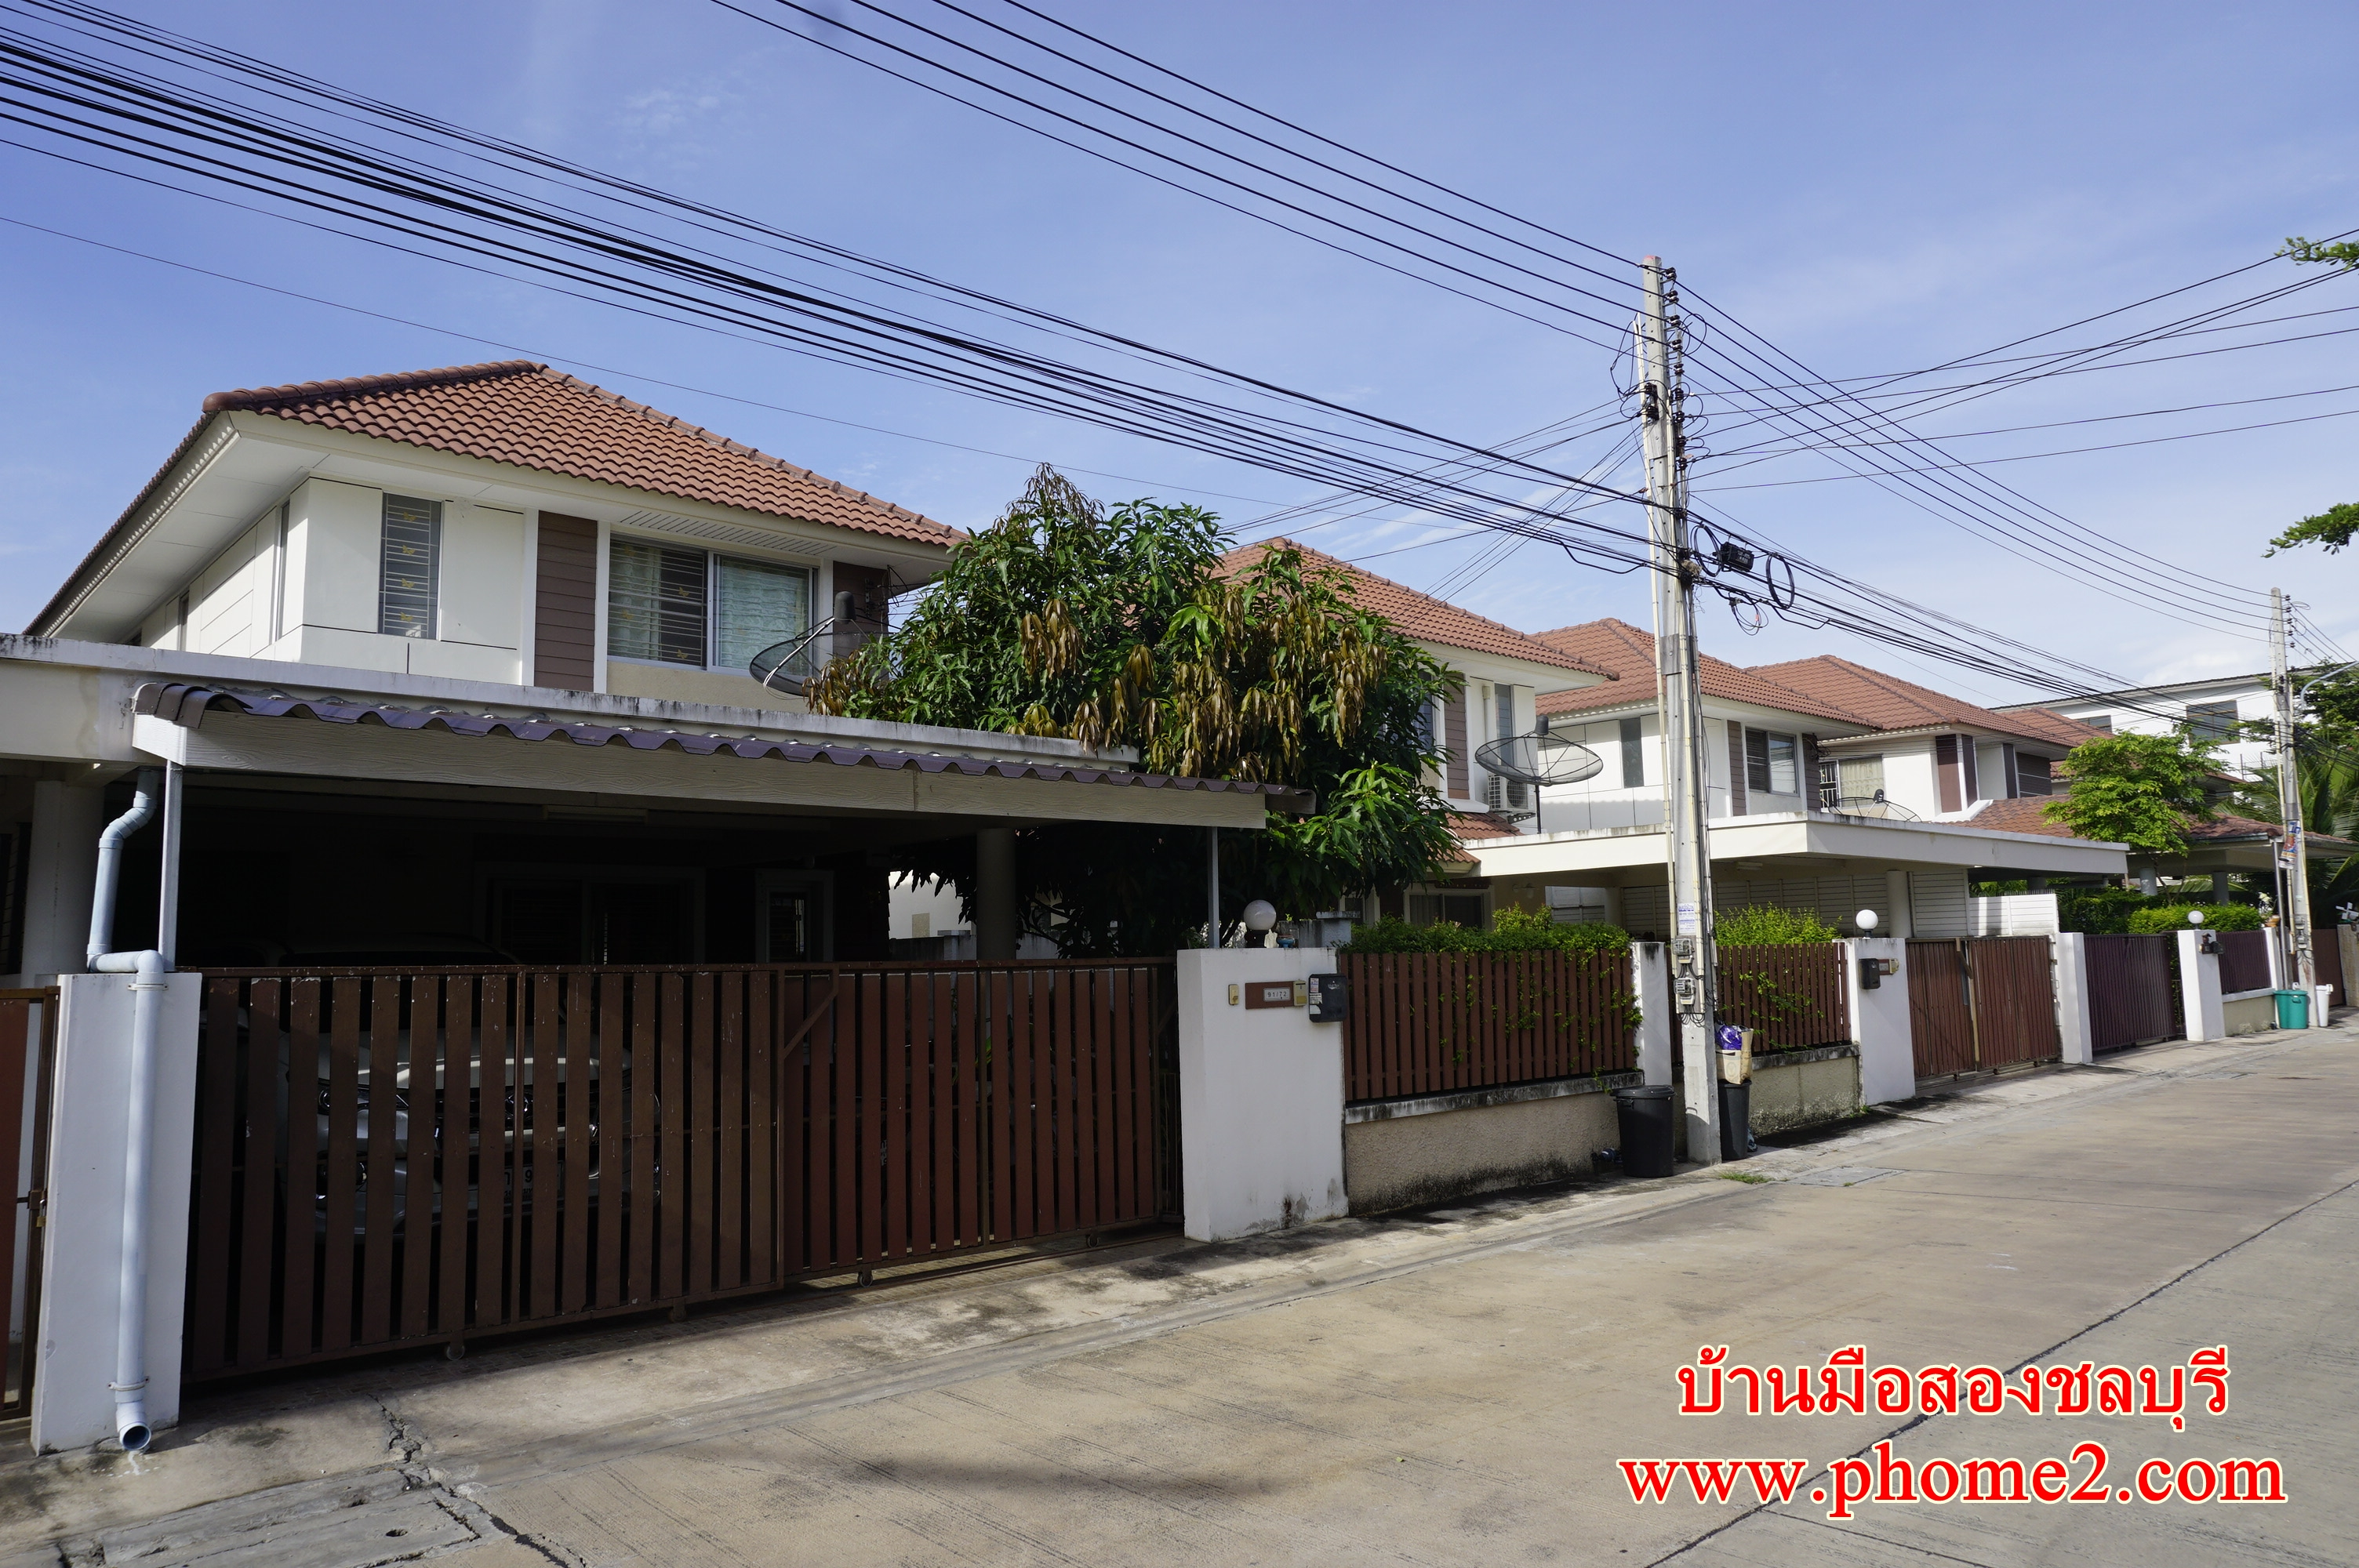 บ้านแฝด 2 ชั้น มบ.แฟมิลี่ ซิตี้ ต.นาป่า อ.เมืองชลบุรี